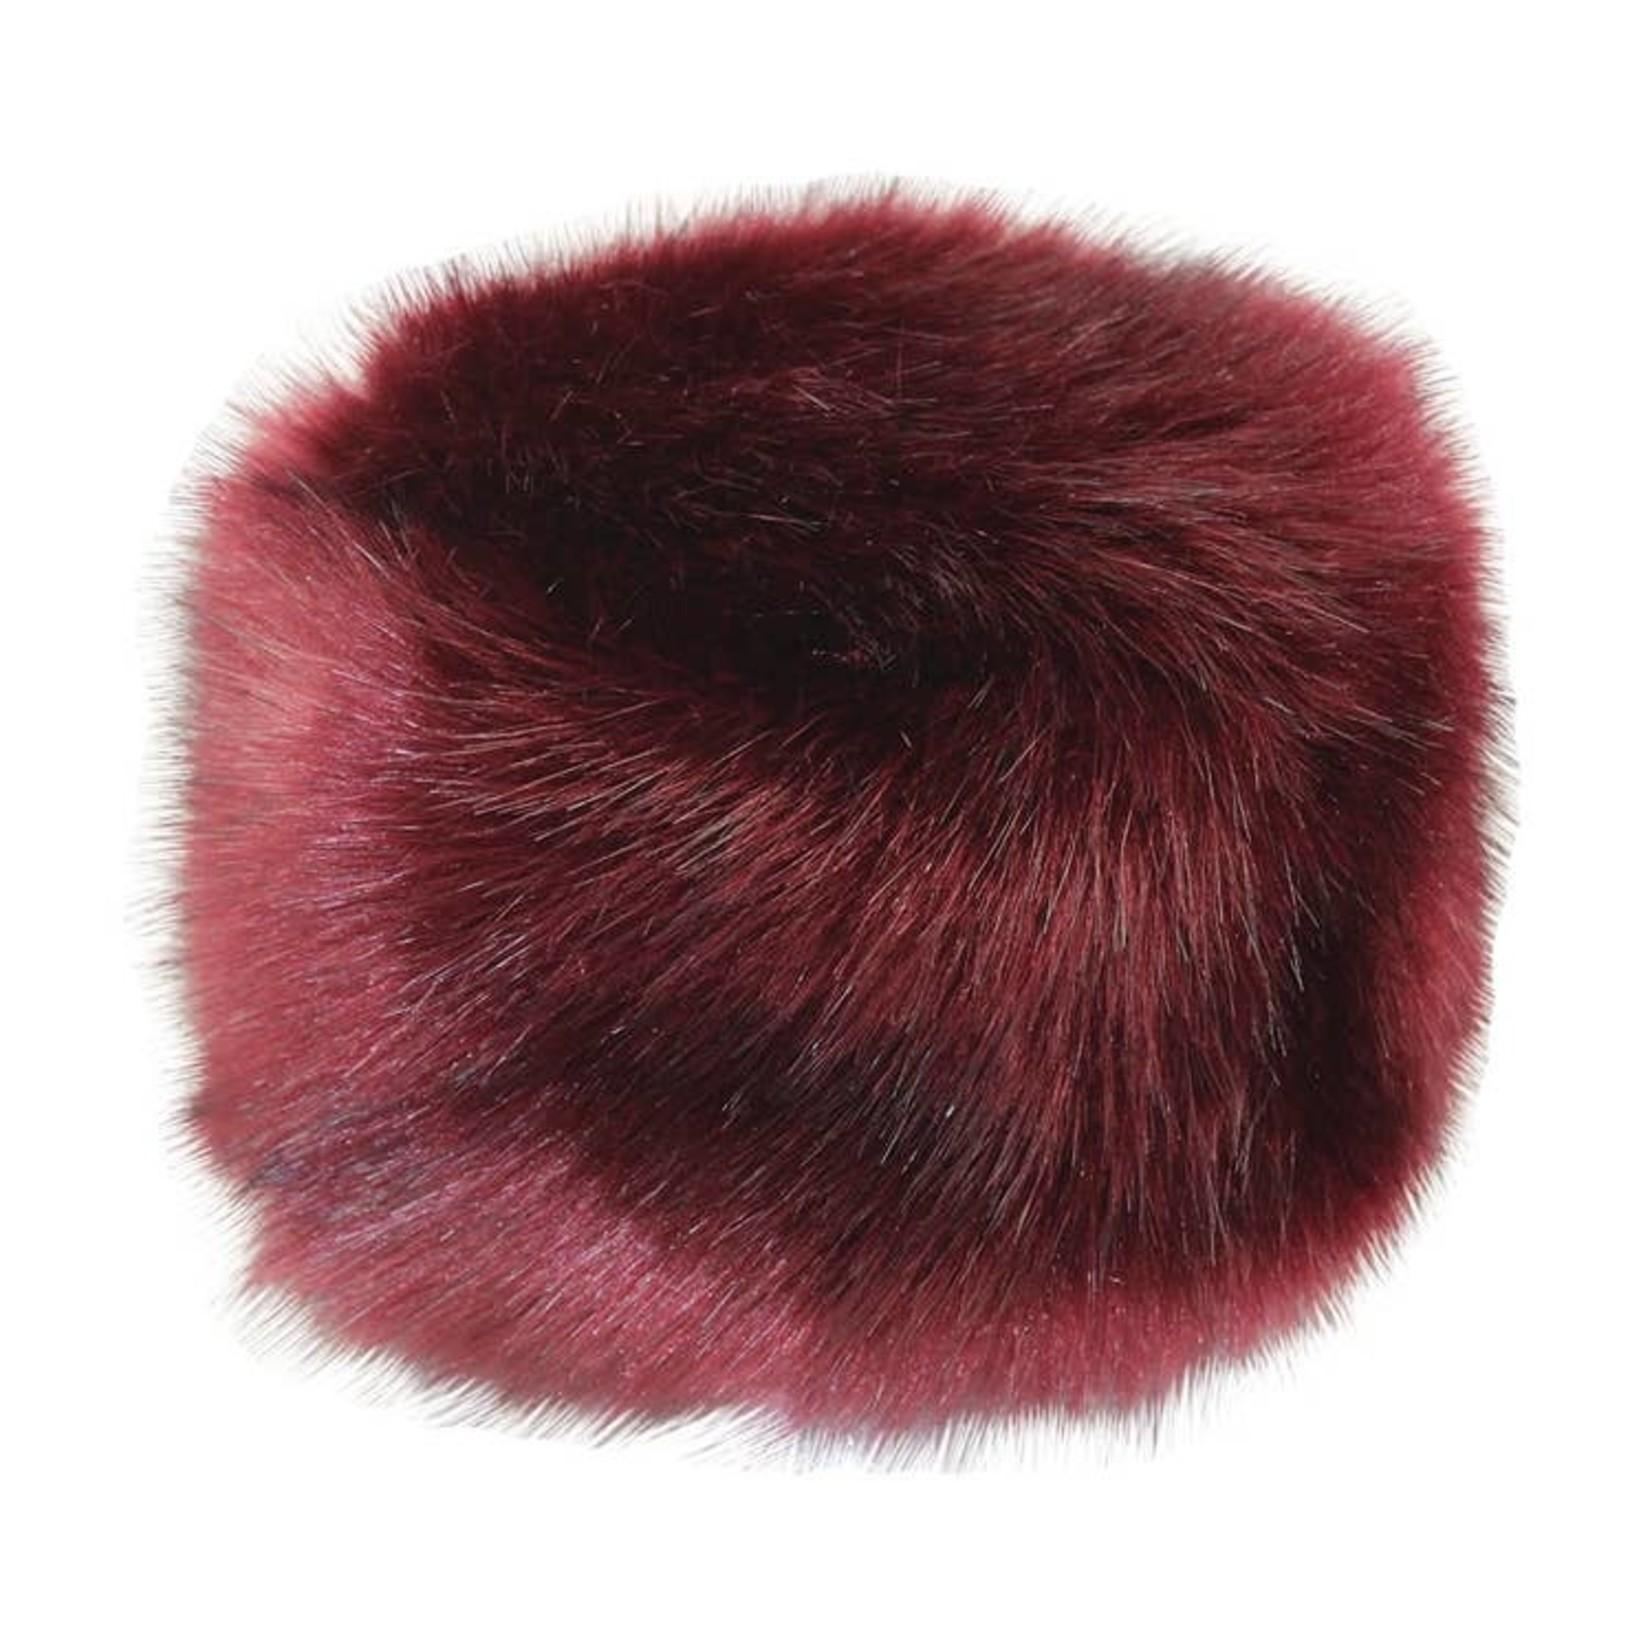 Jeanne Simmons Red Faux Fur Hat w/ Fleece Lining